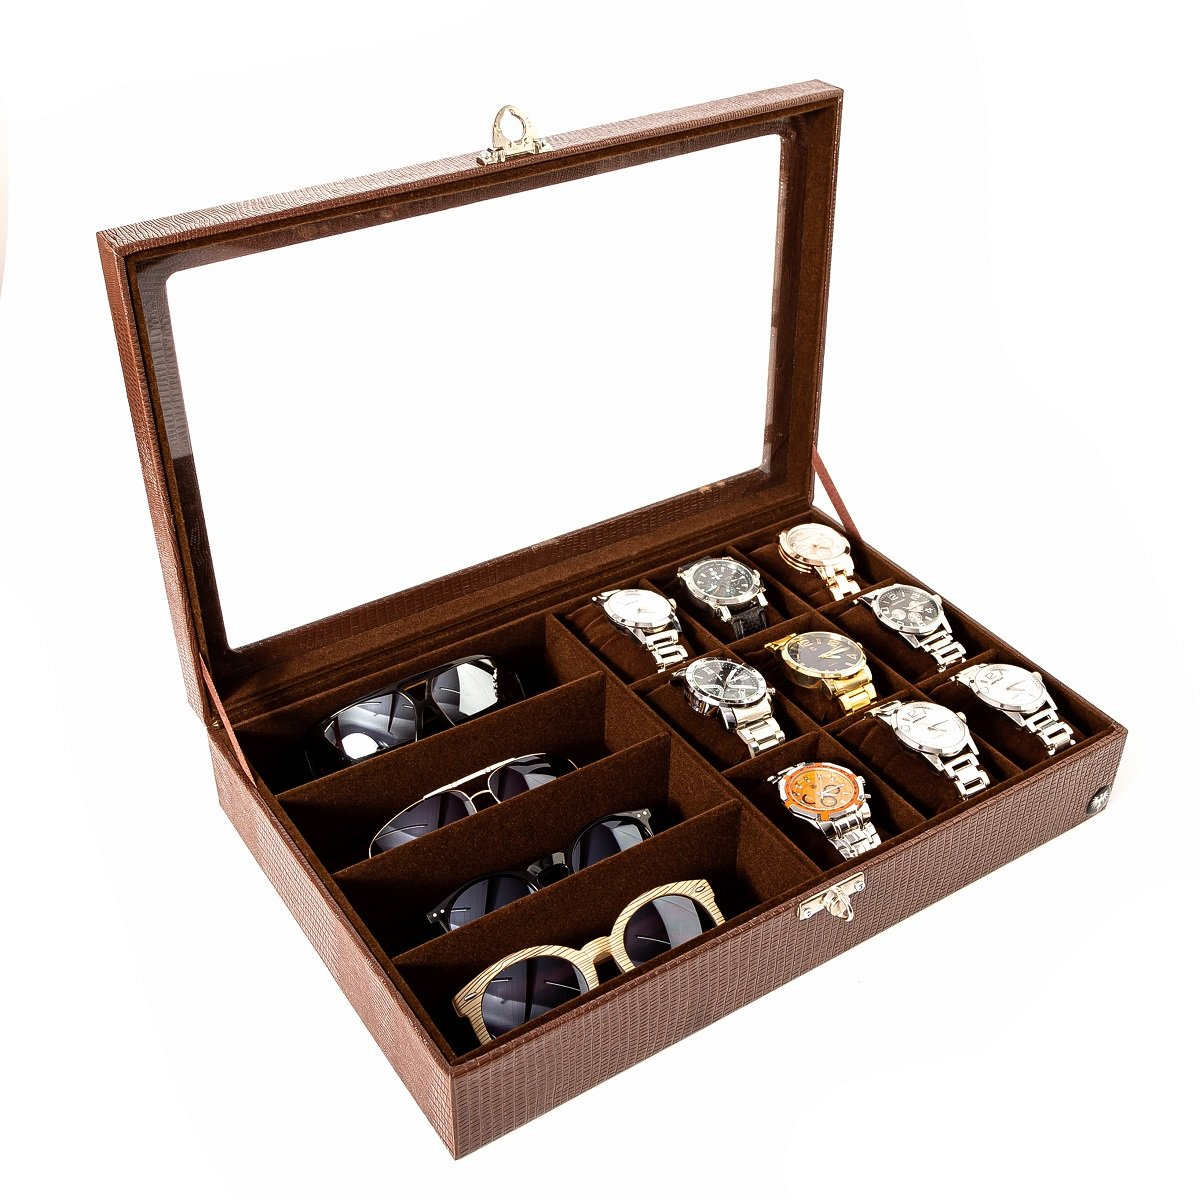 estojo-porta-9-relogios-e-4-oculos-couro-ecologico-marrom-marrom-imagem-6.jpg